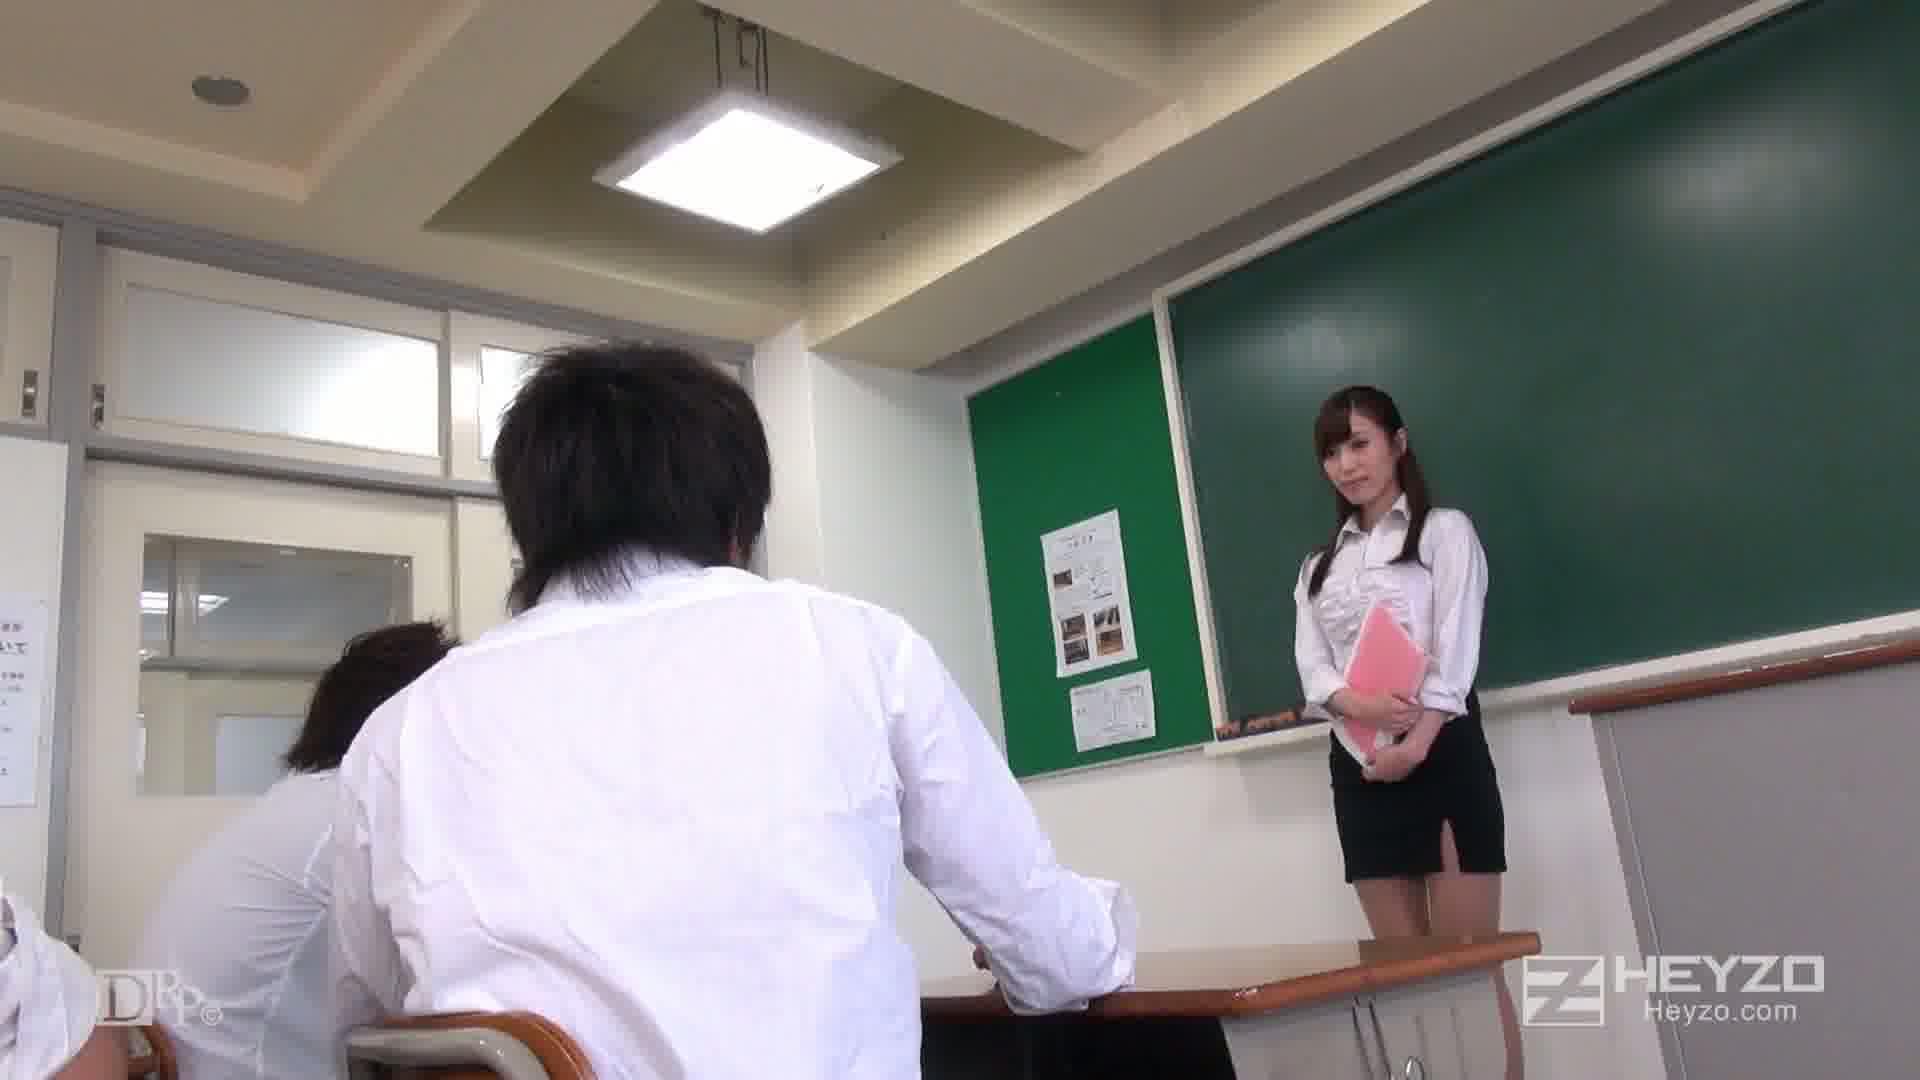 淫楽に沈む教師~新任教師の初授業~ - 瞳ゆら【指マン フェラ 顔射】